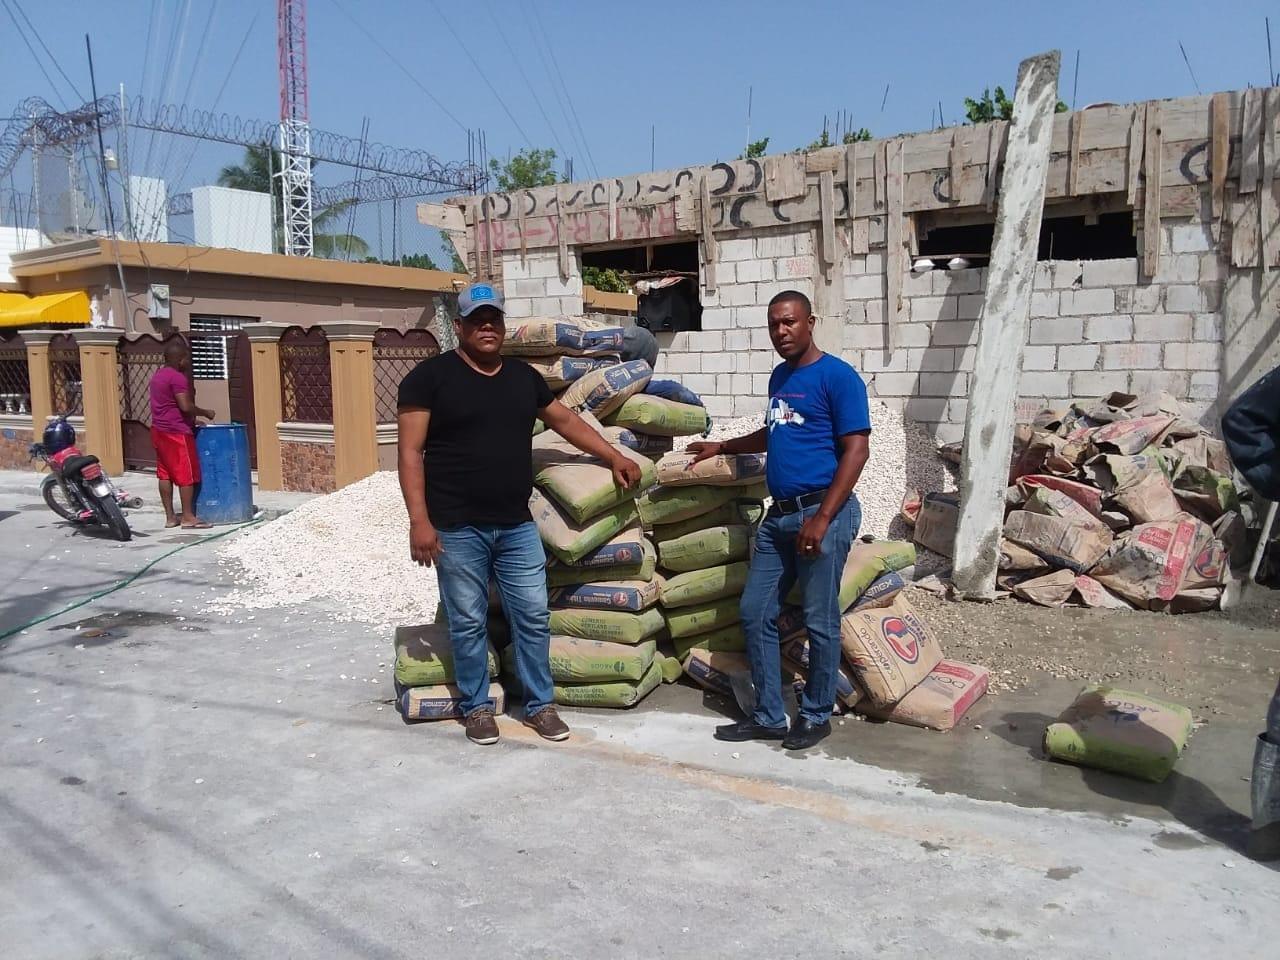 CACHÓN: Ñiñín coopera en construcción de iglesia: entrega cemento